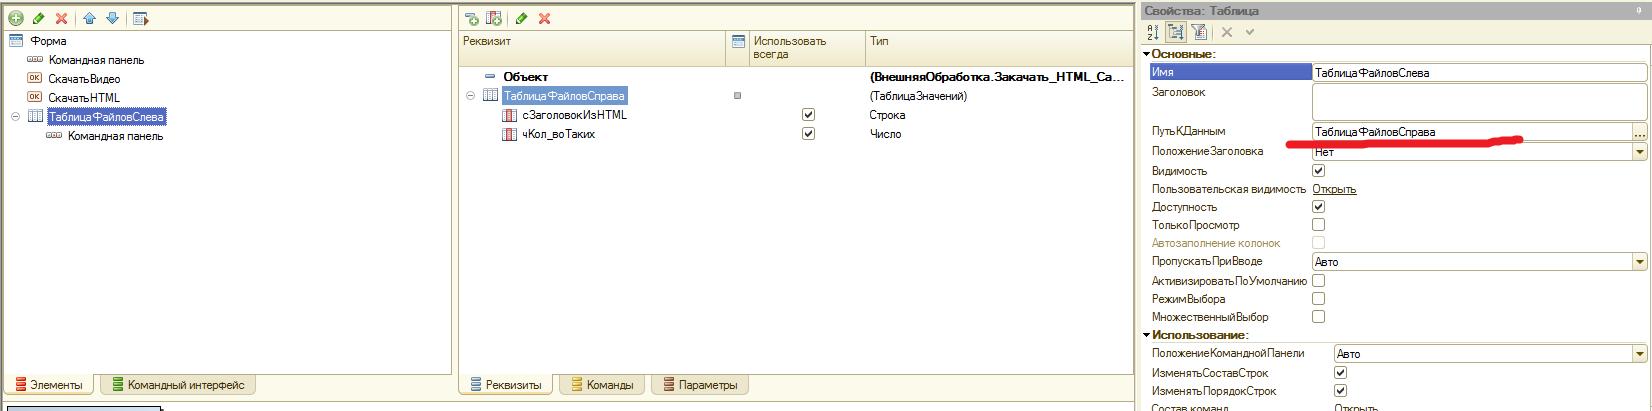 Таблицы значений в 1с частный программист 1с 1с 8.2 как создать web сервис apache